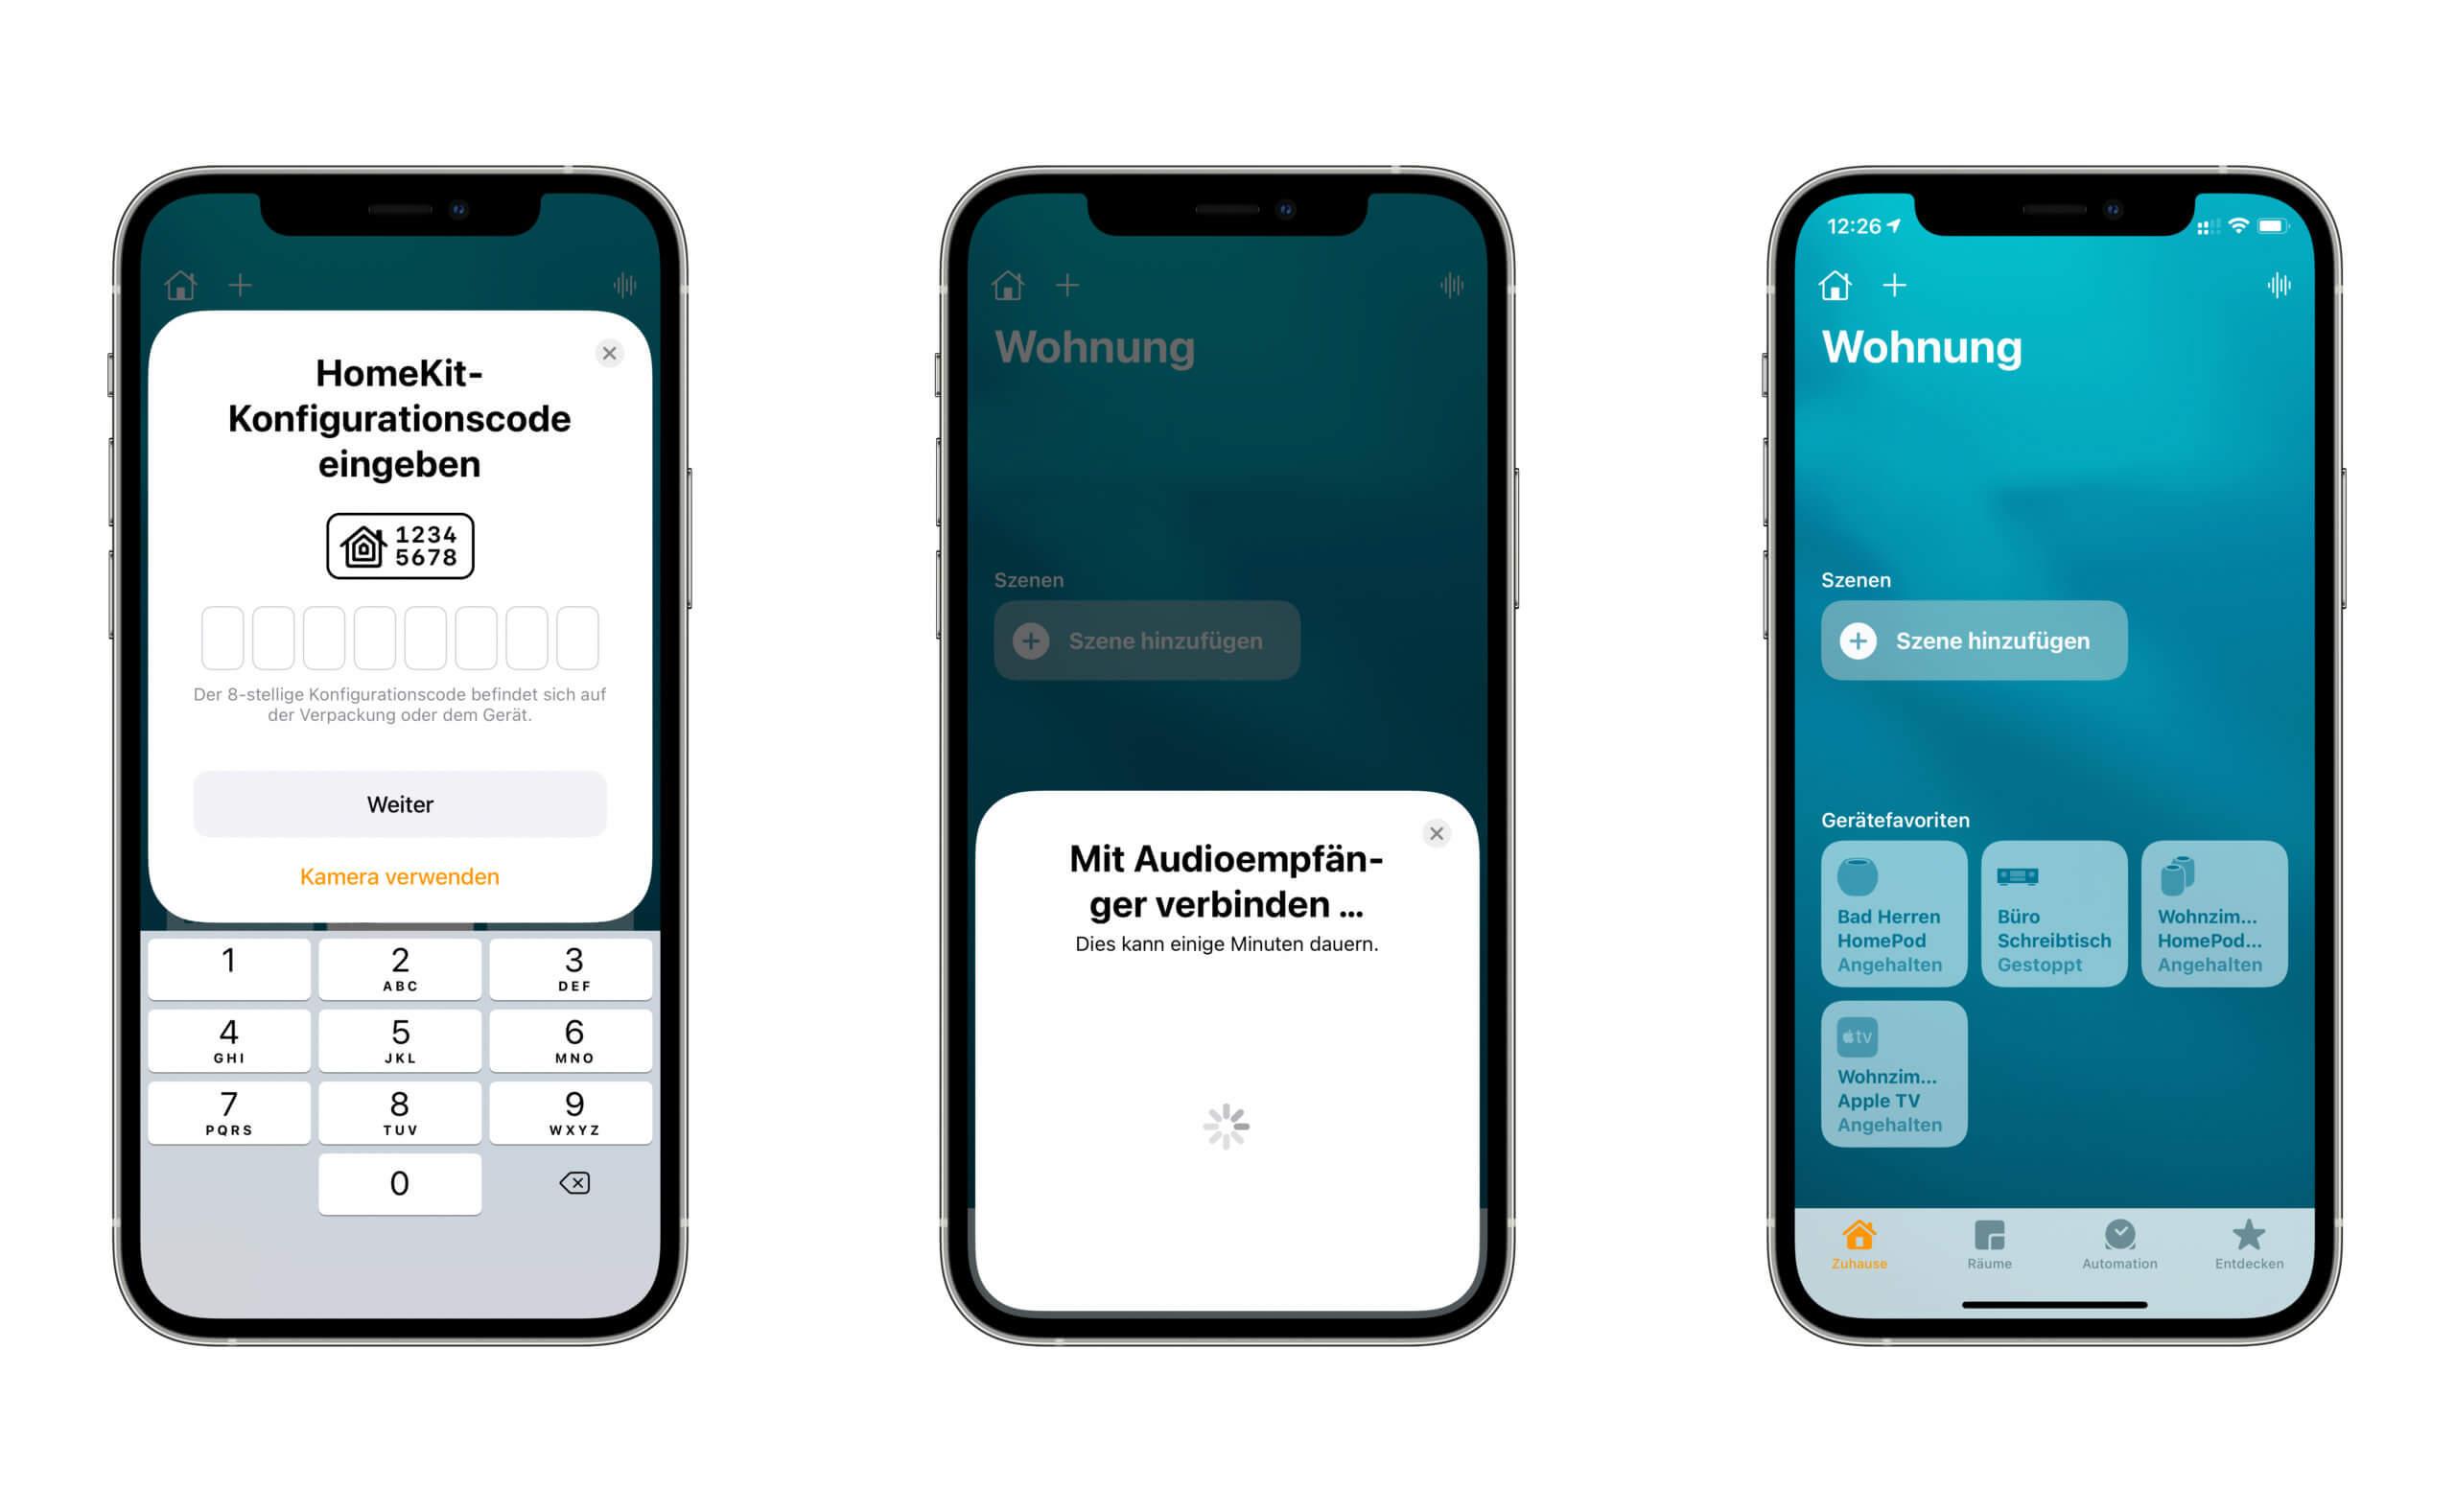 Über die Home-App läuft die Einrichtung reibungslos ab, zumindest solange man sich nicht auf die NFC-Schnittstelle verlässt.